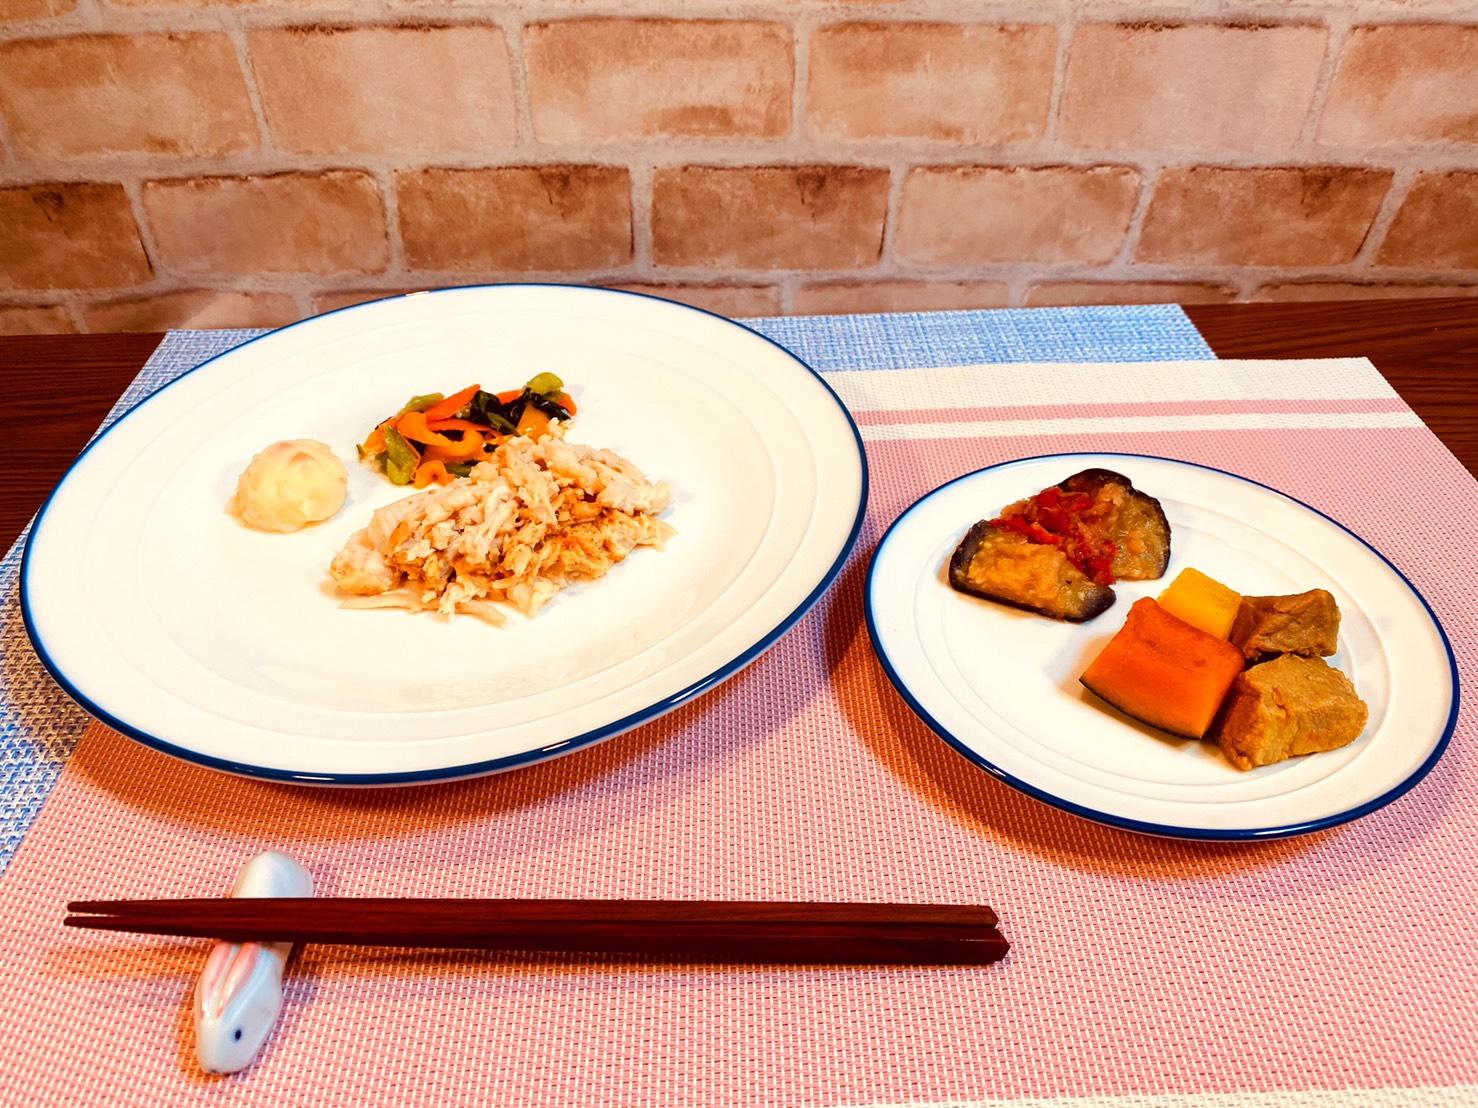 人工透析食(たんぱく調整食20g)お急ぎコース6食